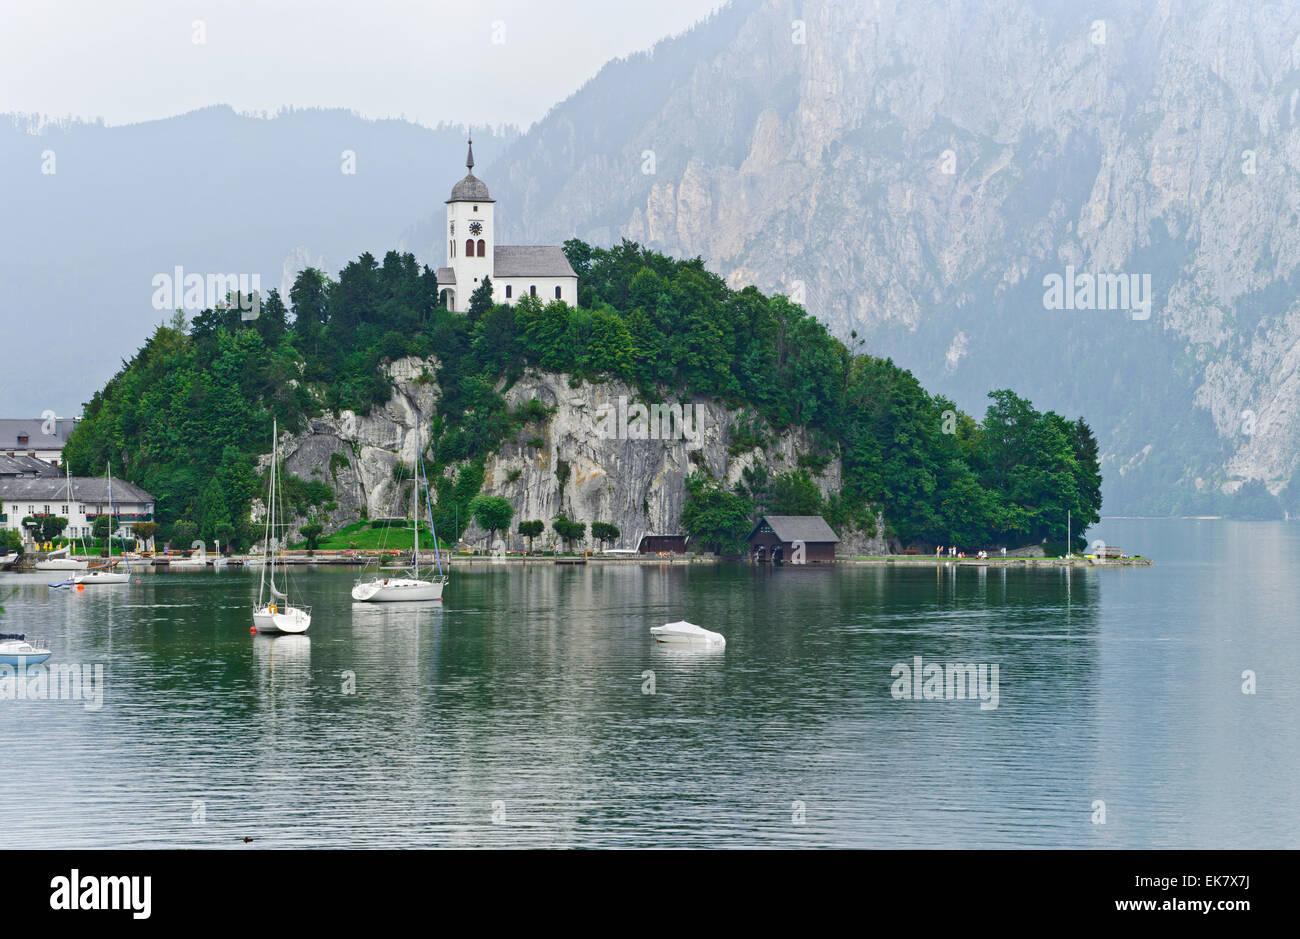 The Church at Lake Wolfgangsee. Stock Photo